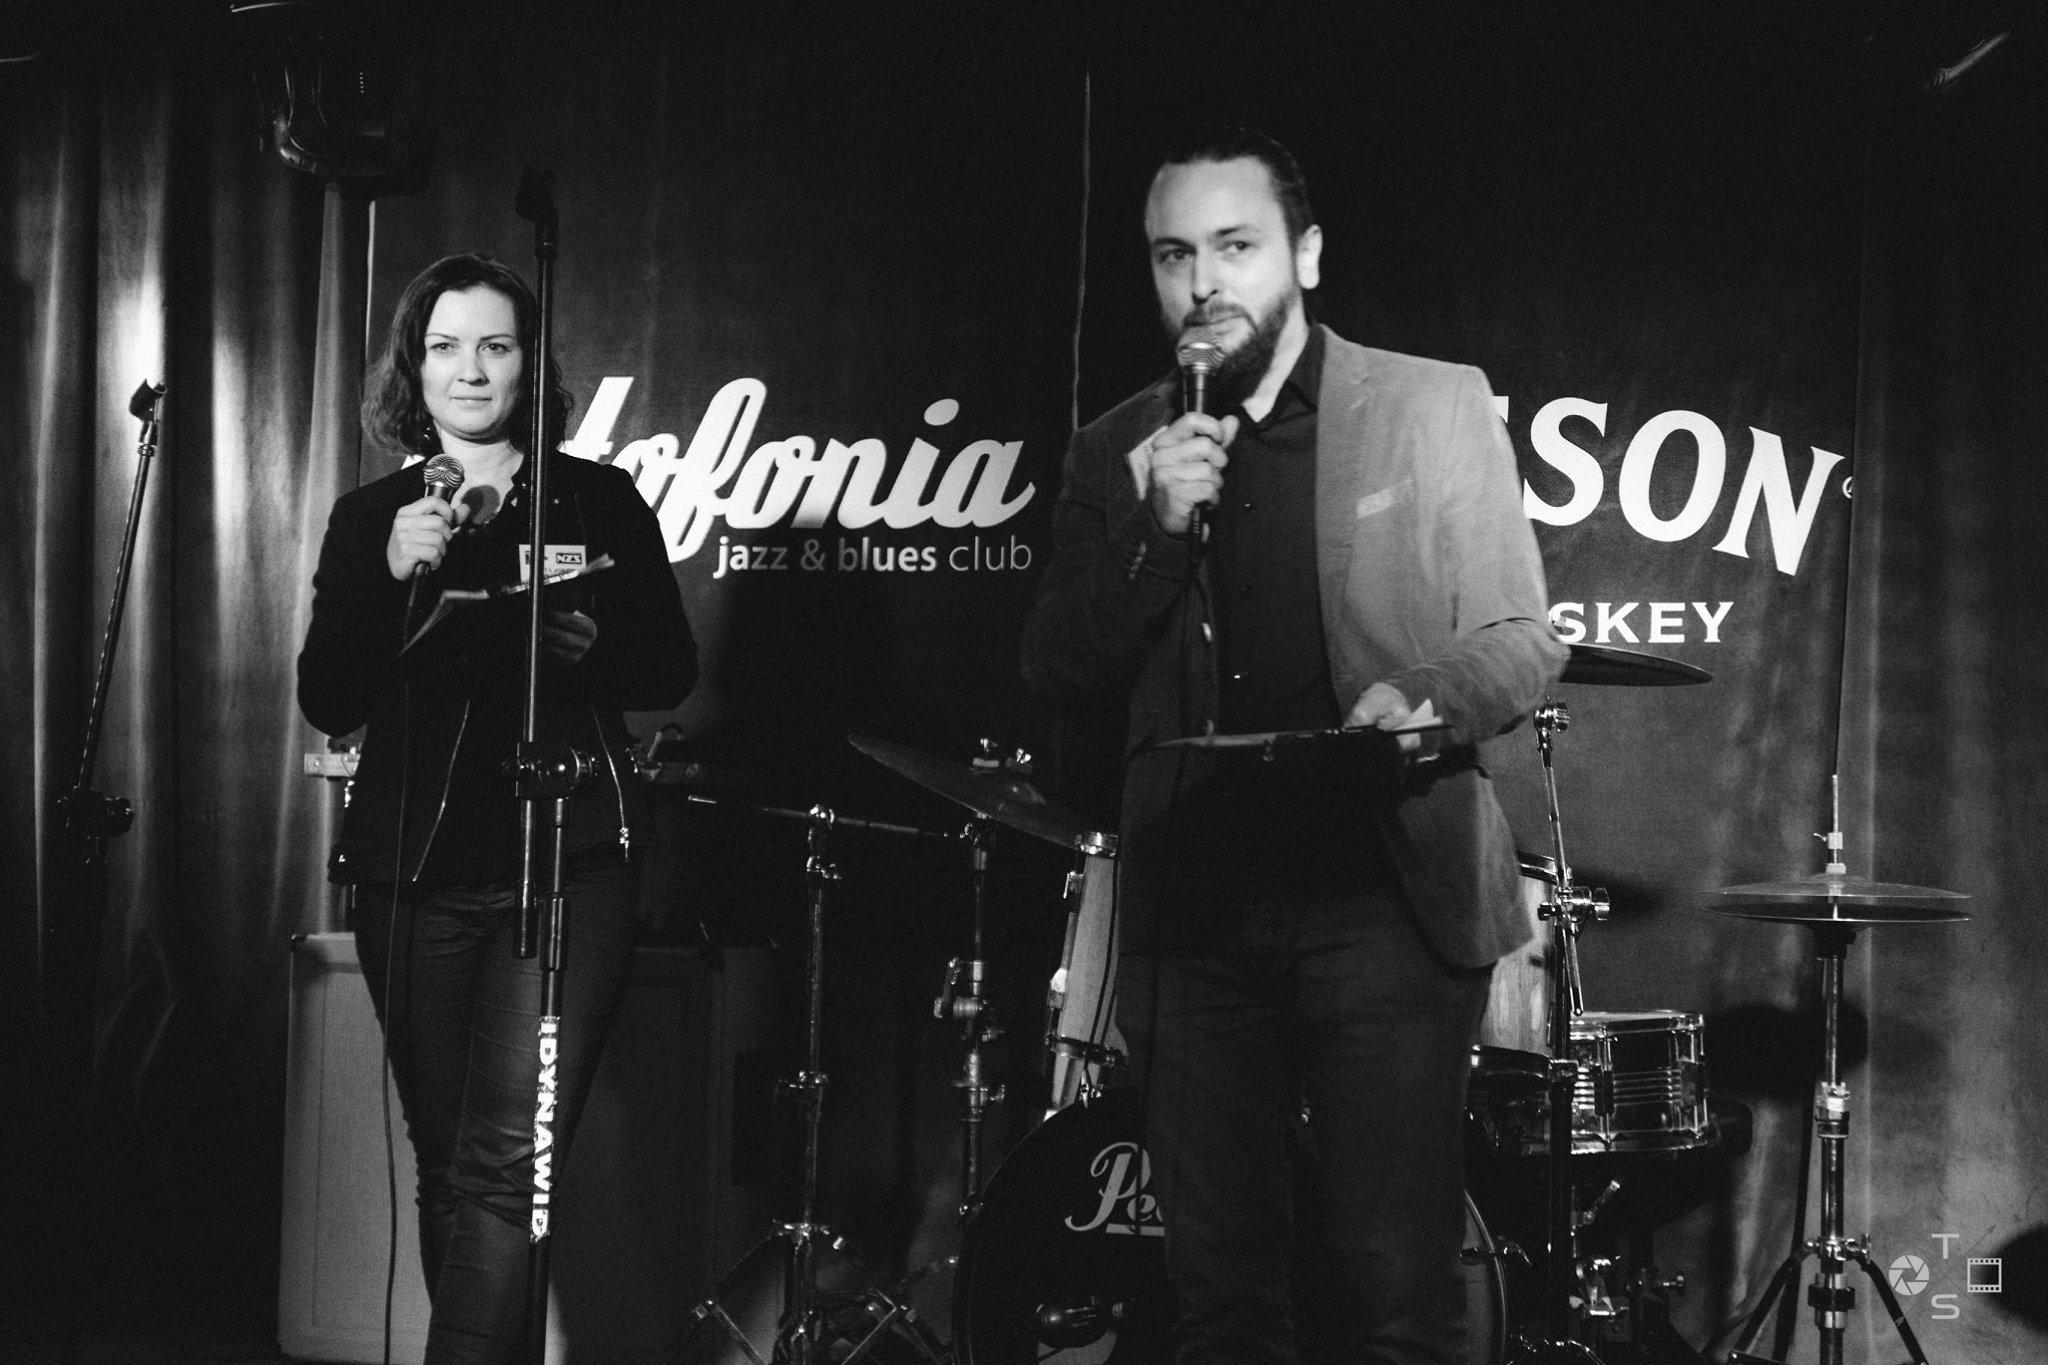 Aneta i Krzysztof Jokisz projekt progresja decyzja